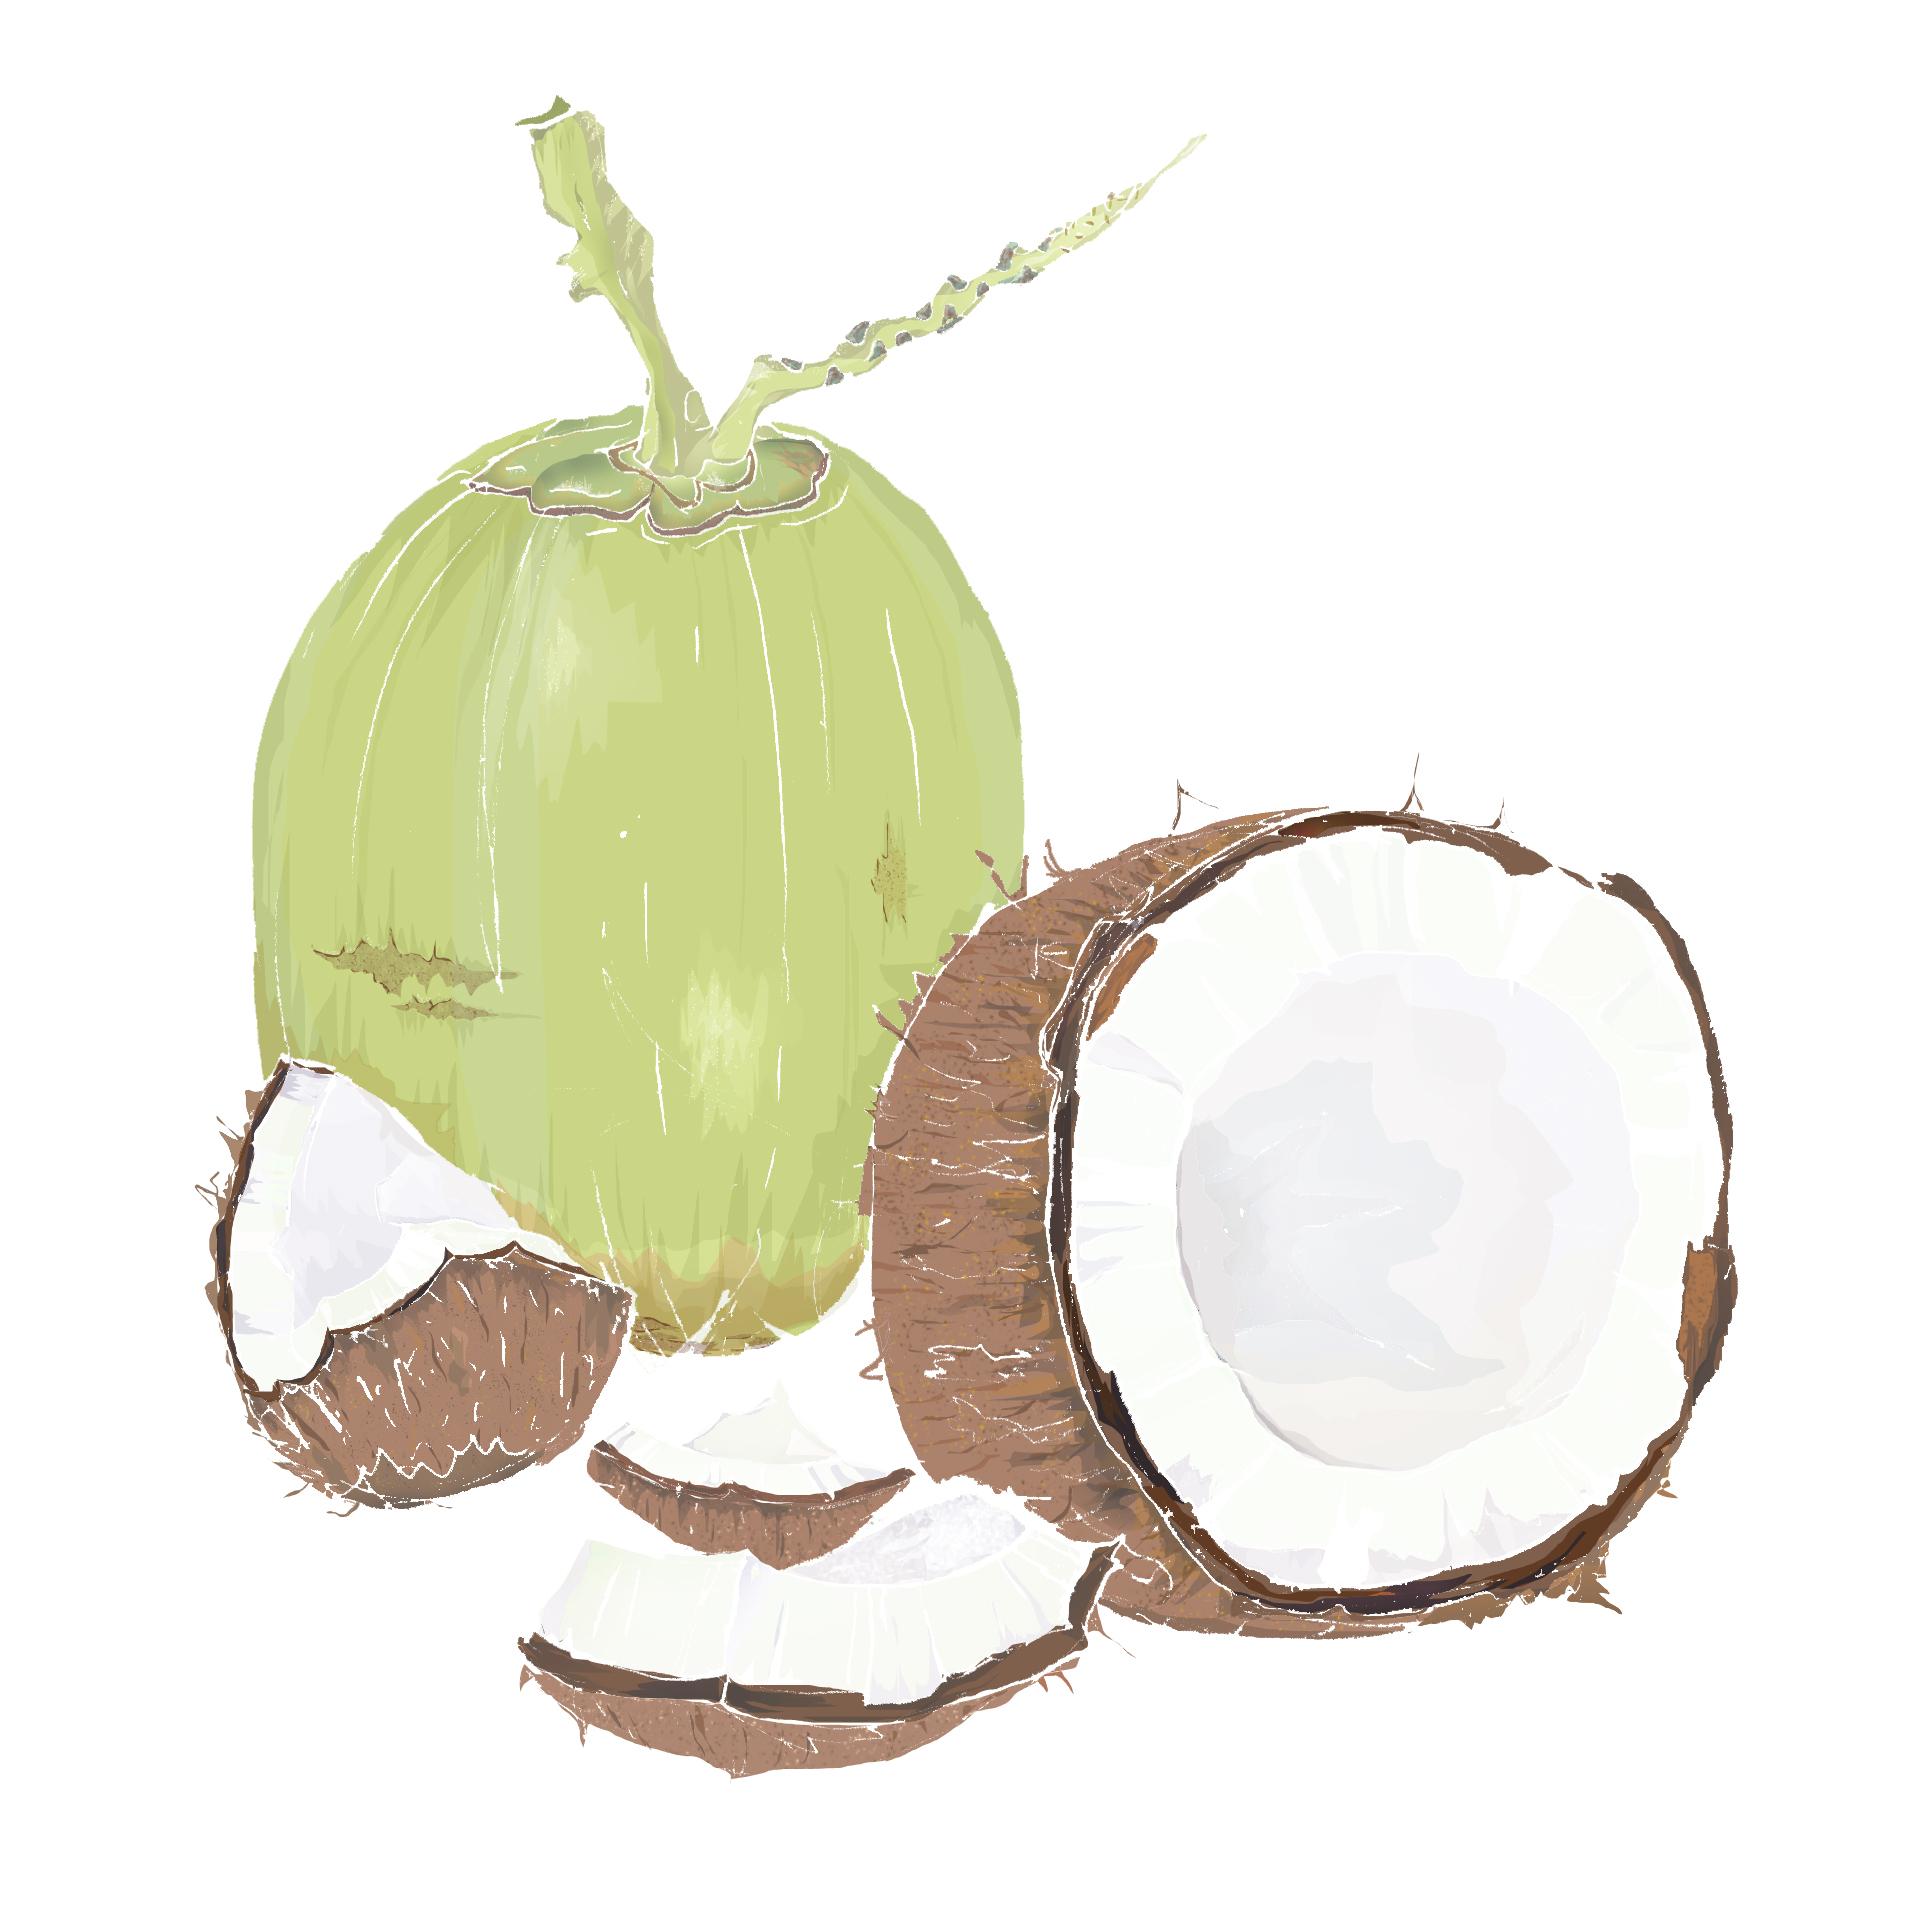 C - Coconut